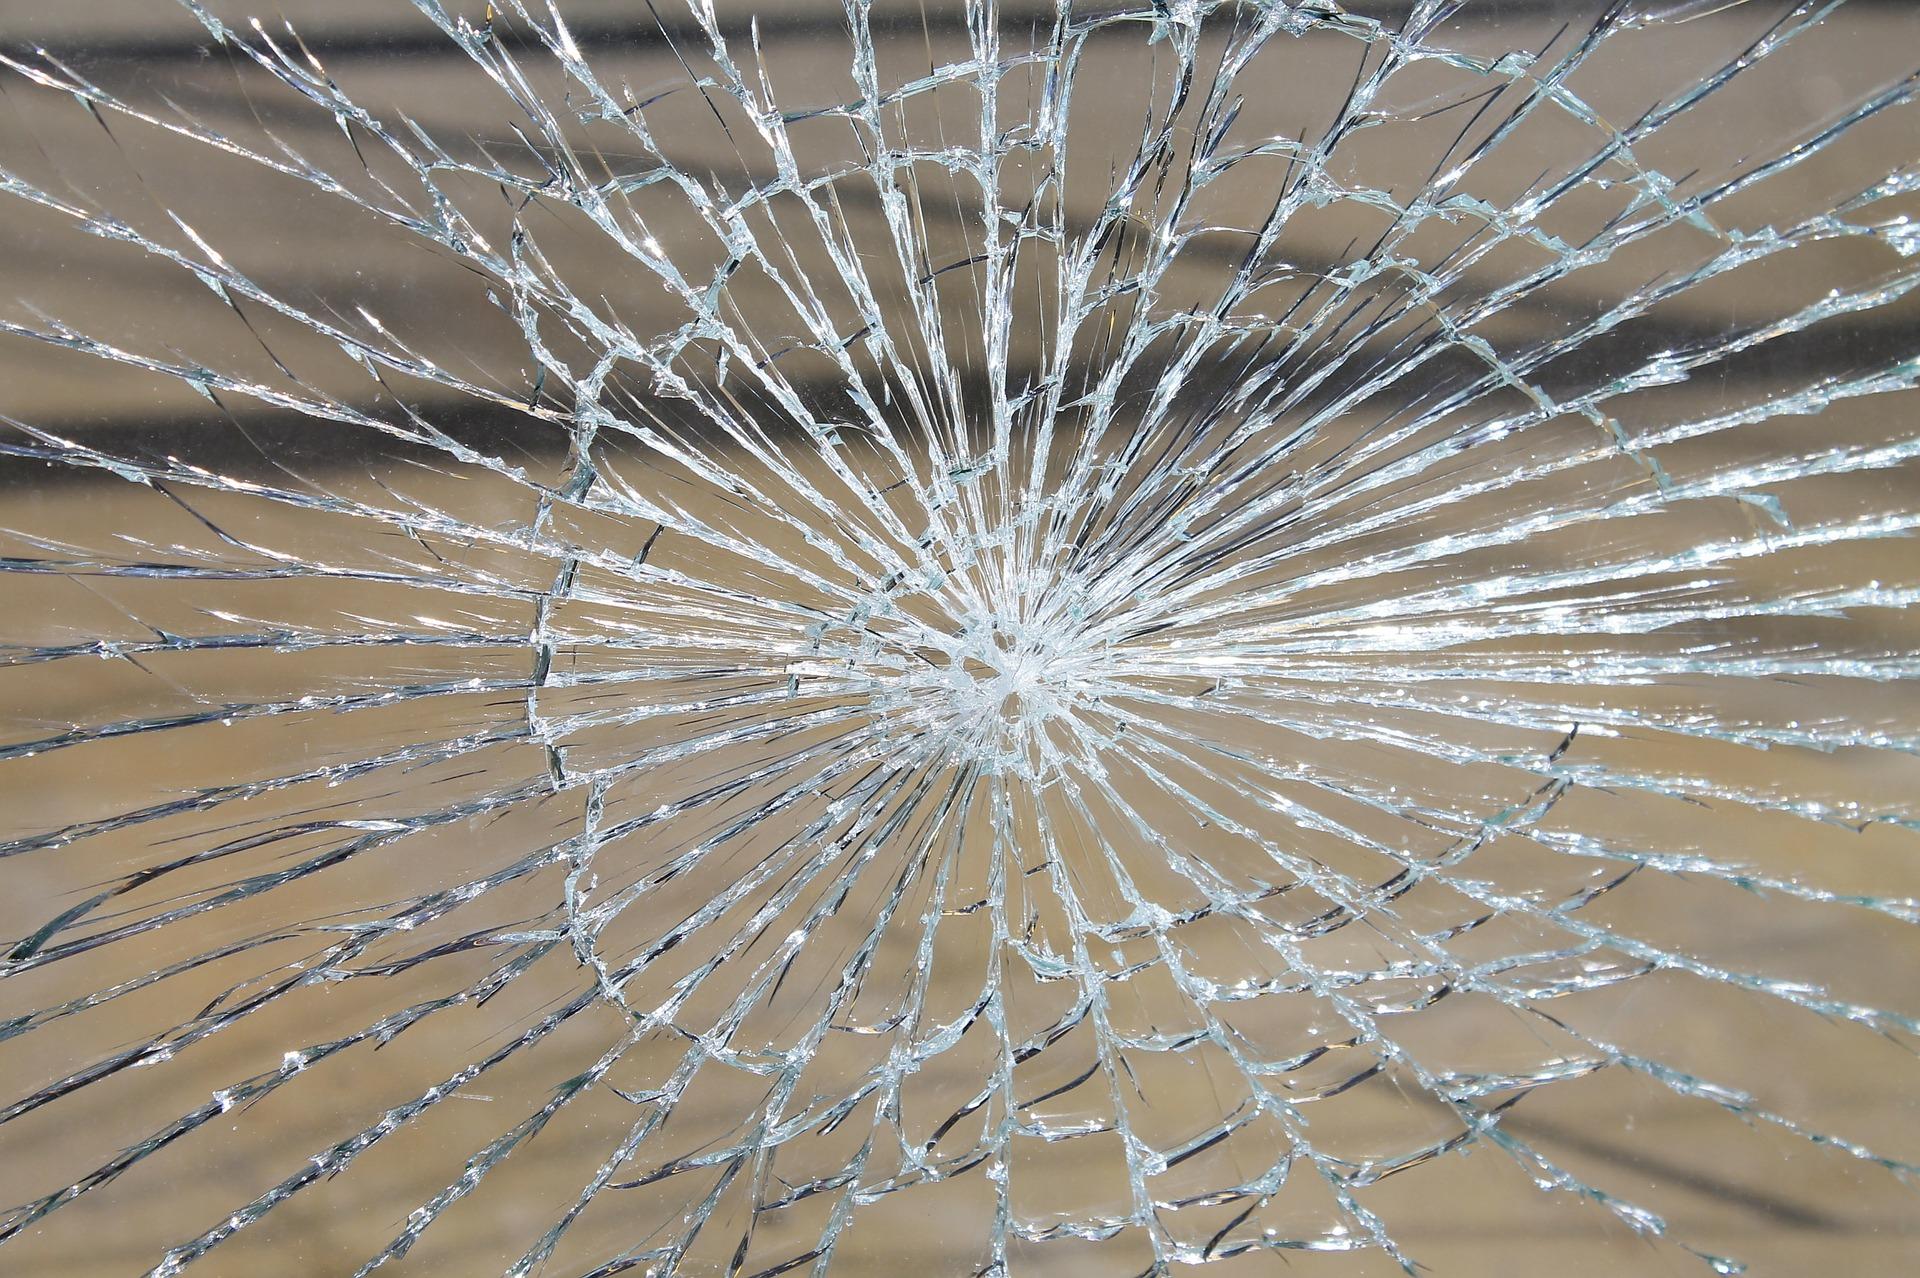 vetro danneggiato